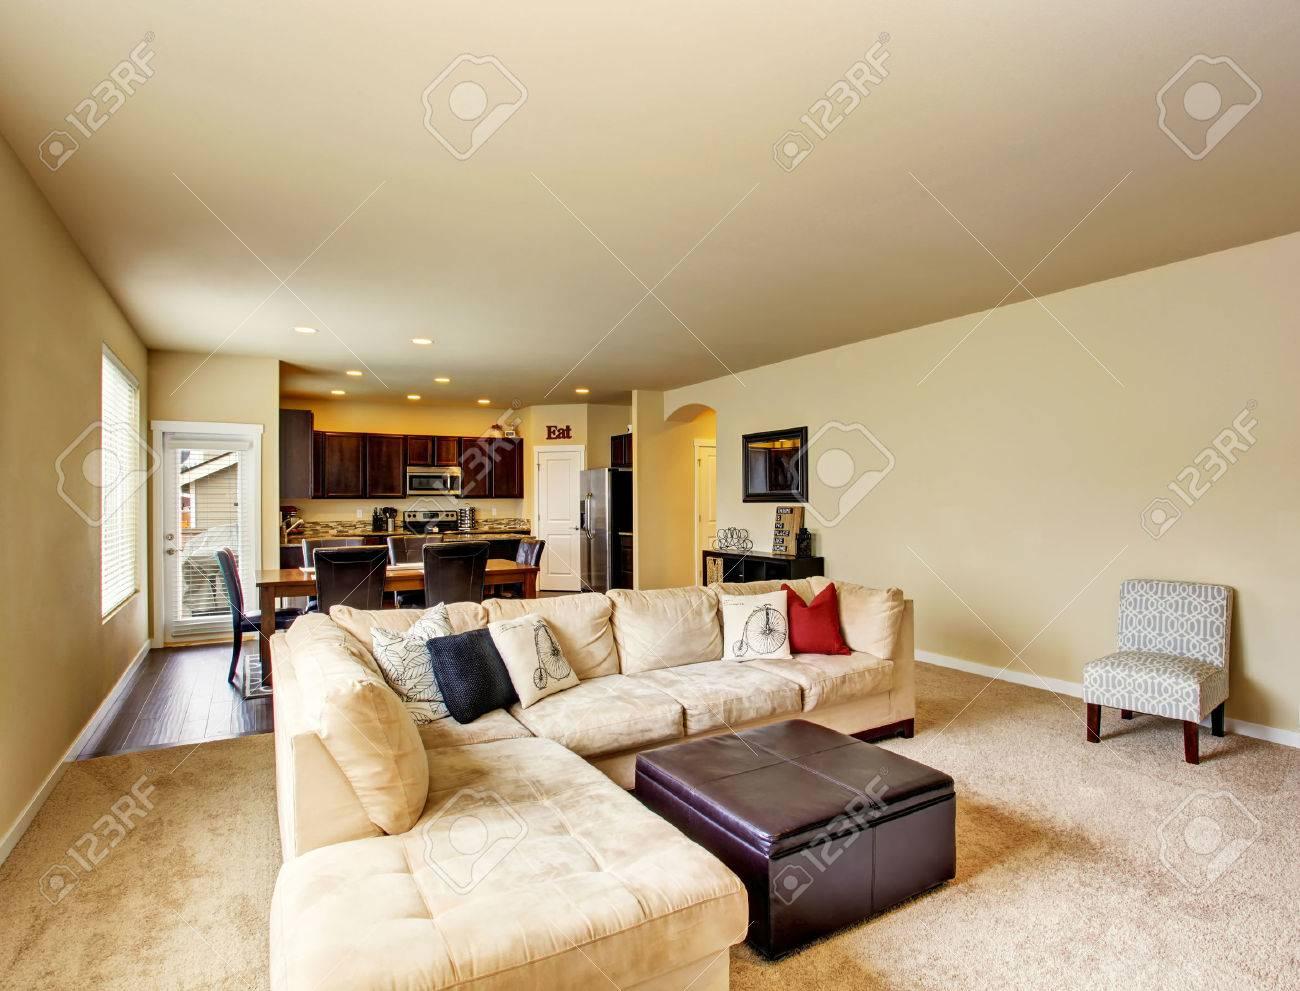 Offene Grundriss. Wohnzimmer zum Essbereich und Küche verbunden. Northwest,  USA